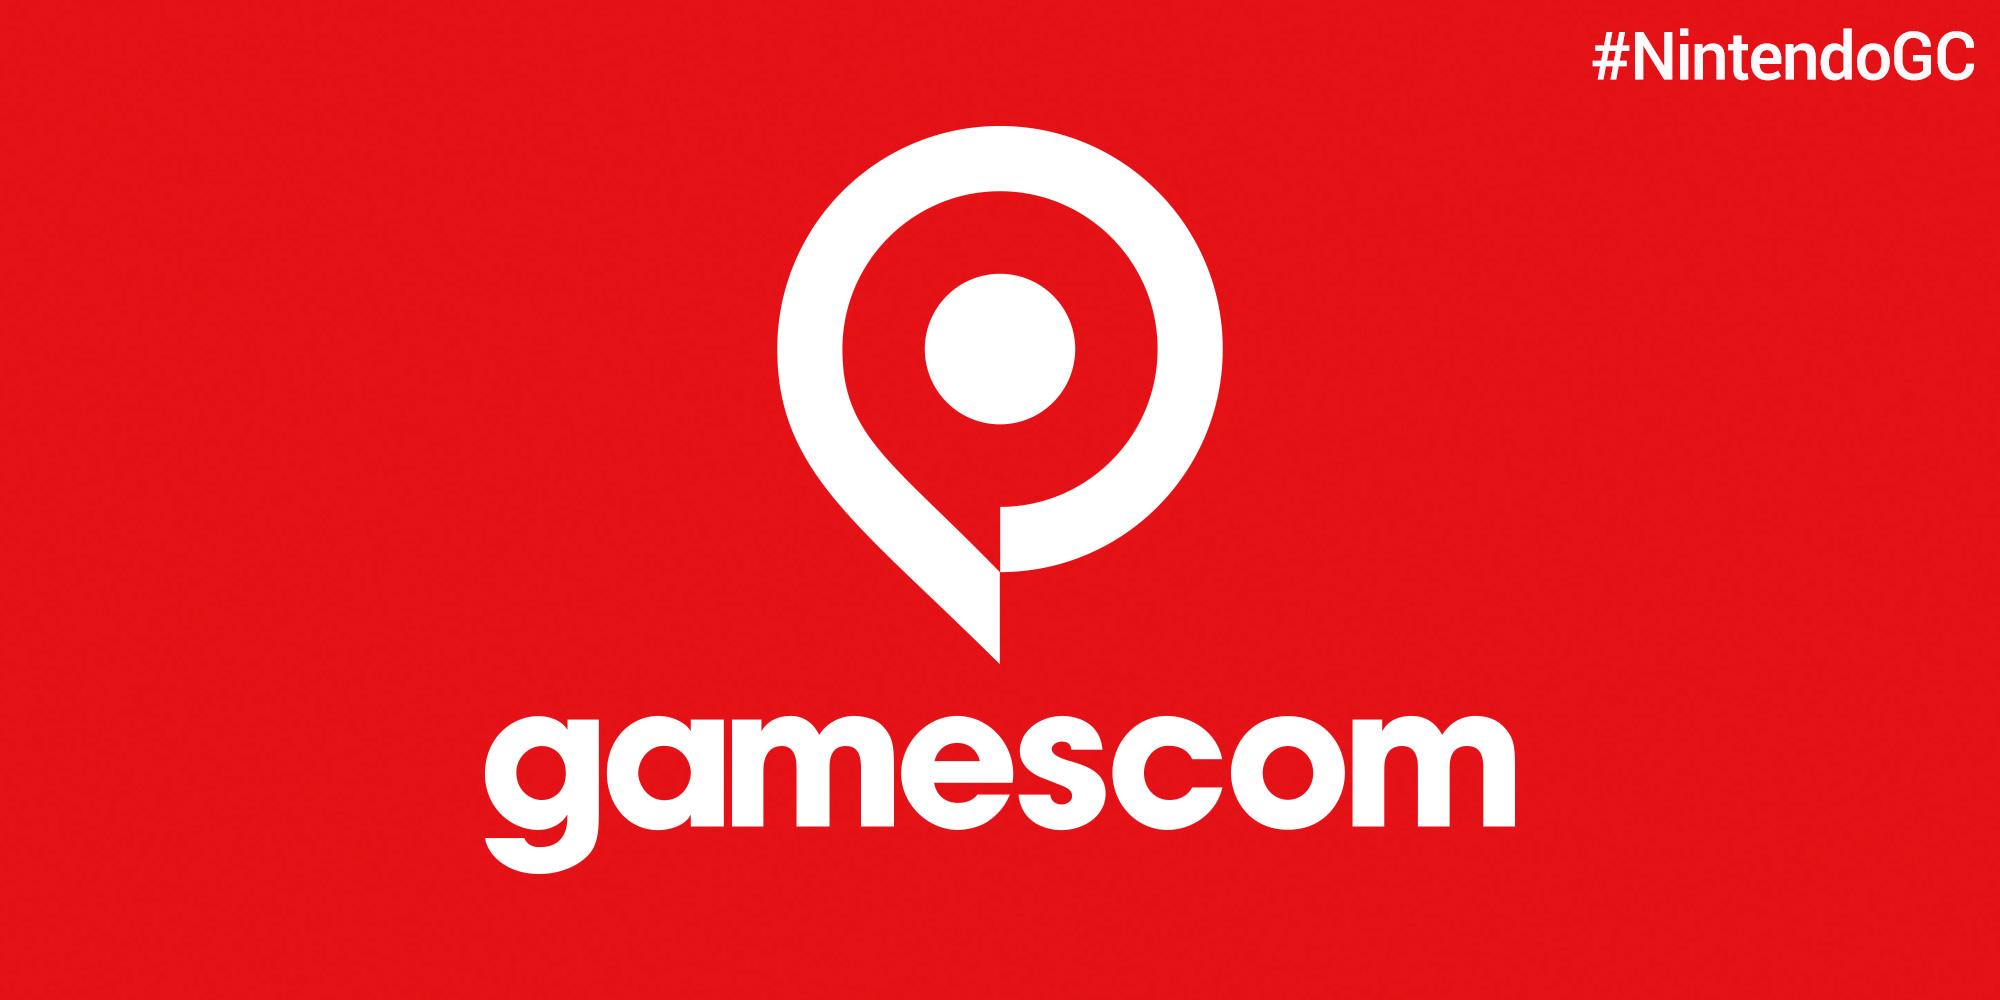 gamescom - photo #13